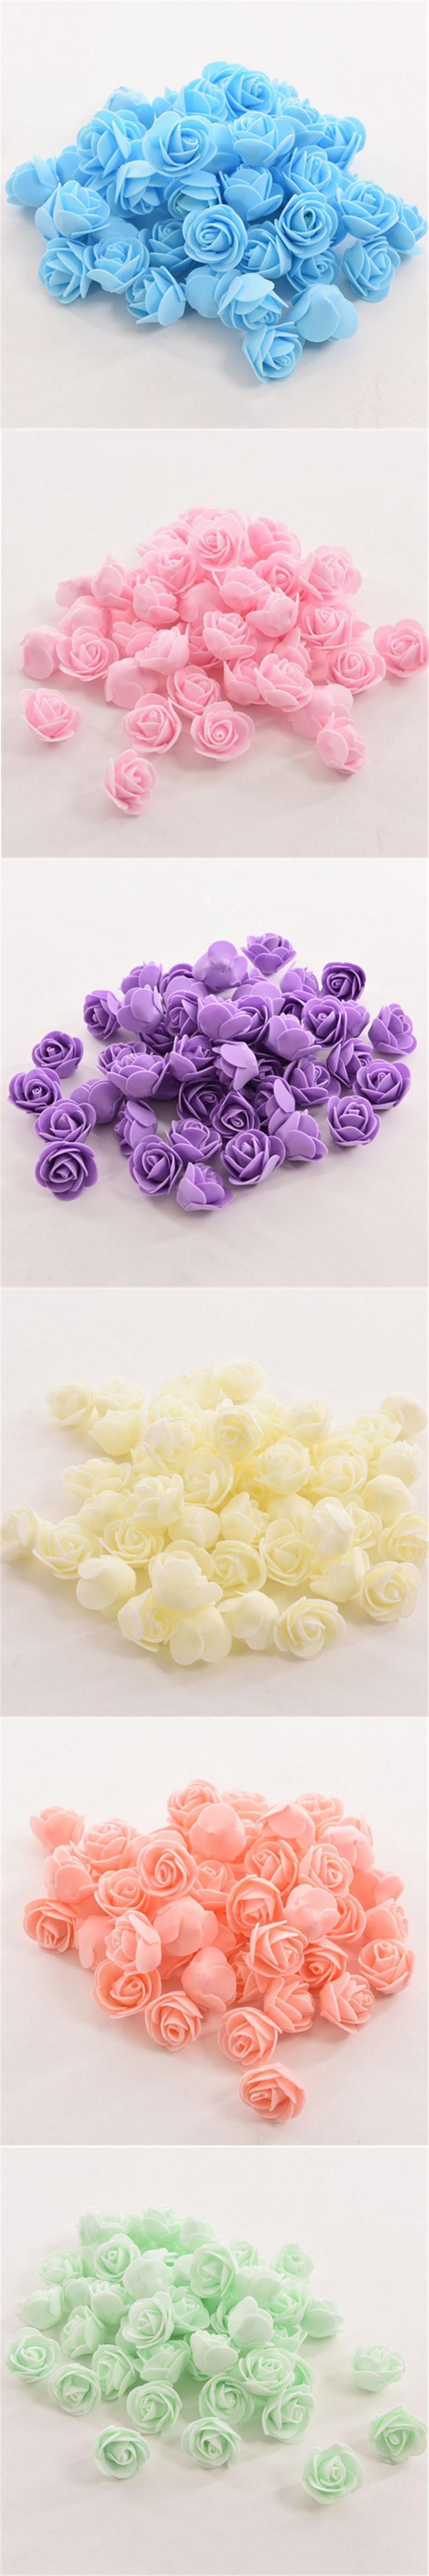 Home decor artificial flowers  PCS Artificial Flower Head Handmade DIY Wedding Home Decoration